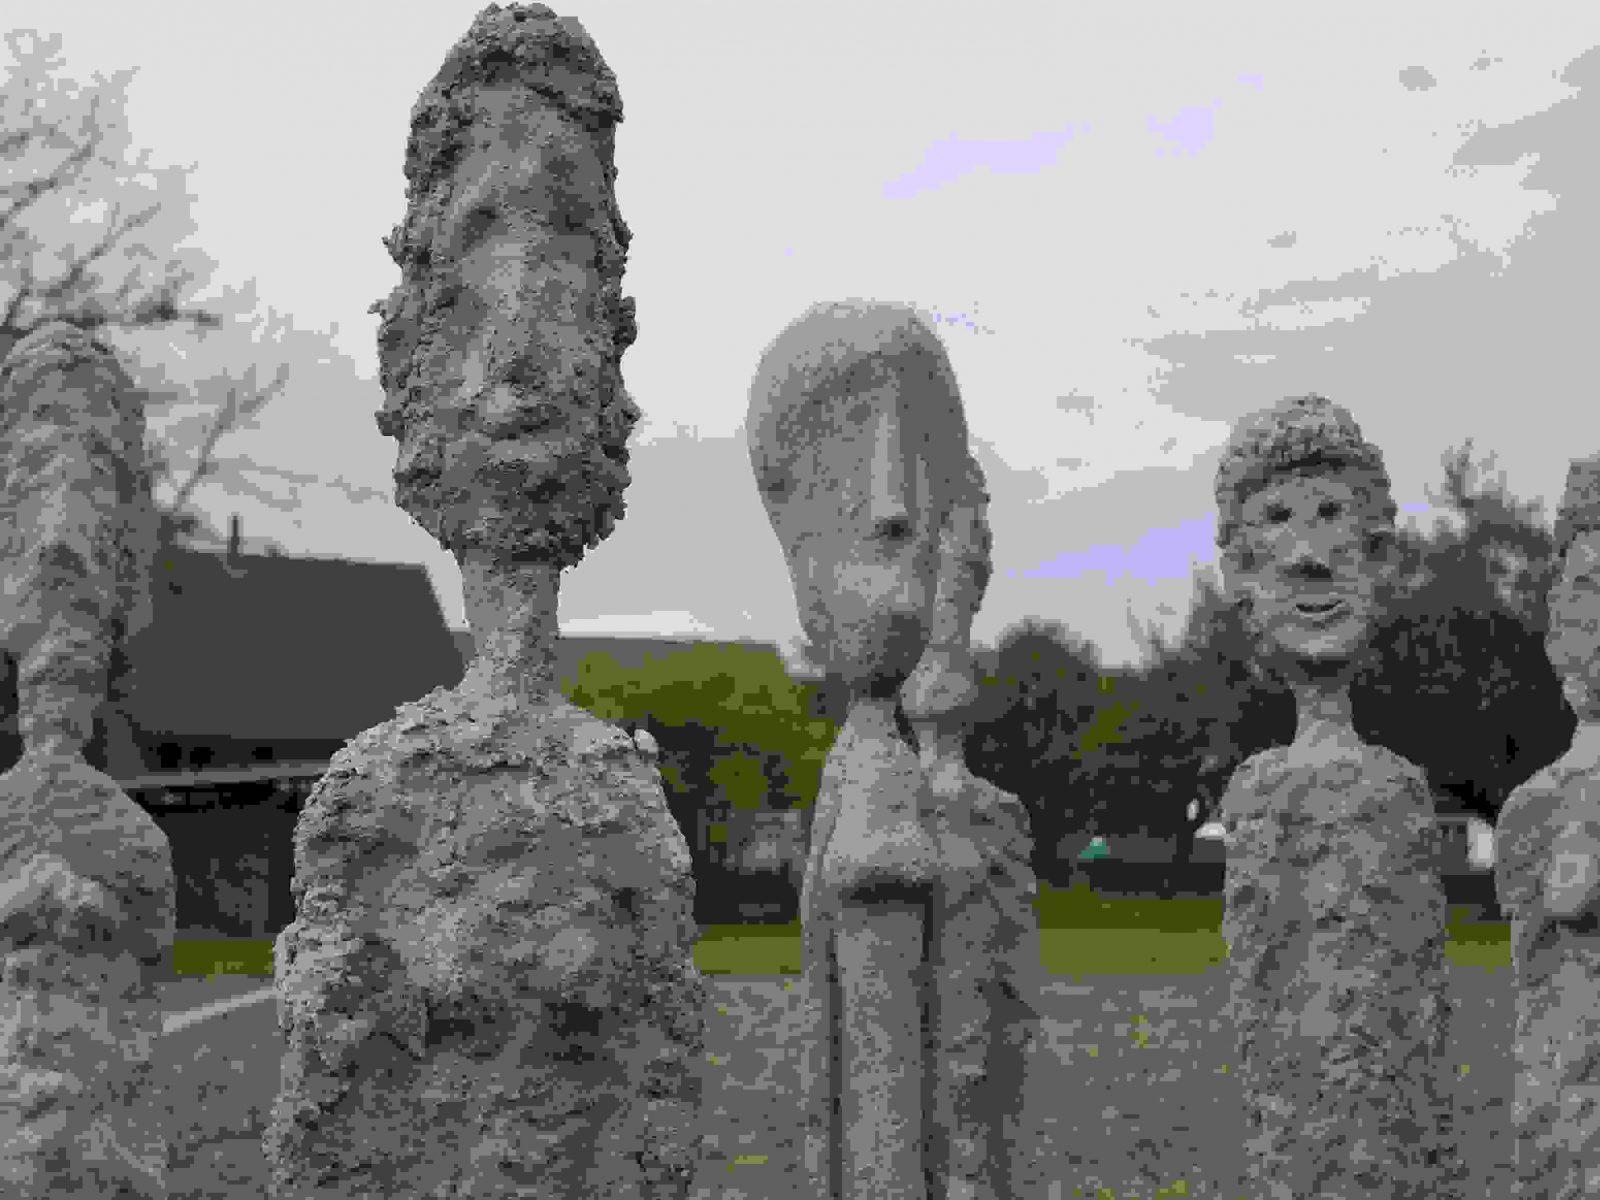 Skulpturen Garten Selber Machen – Siddhimindfo Von Gartenskulpturen von Skulpturen Für Den Garten Selber Machen Bild